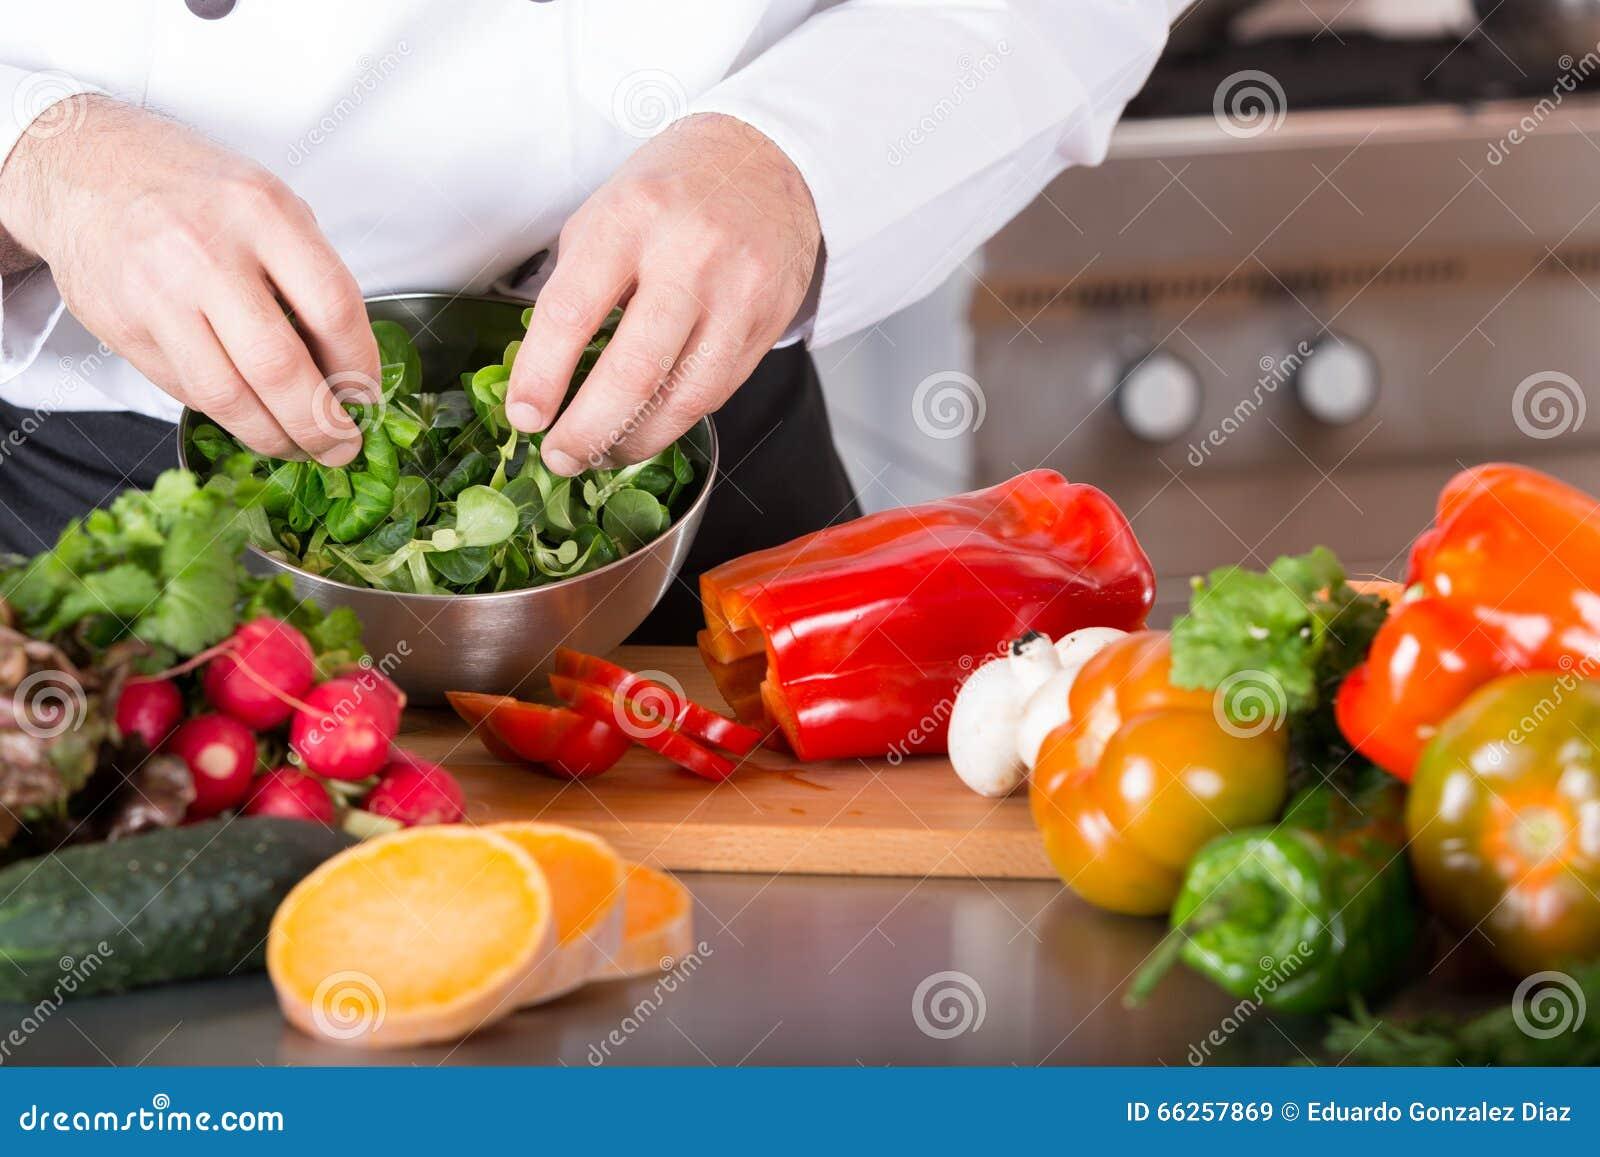 Szef kuchni ciapania warzywa